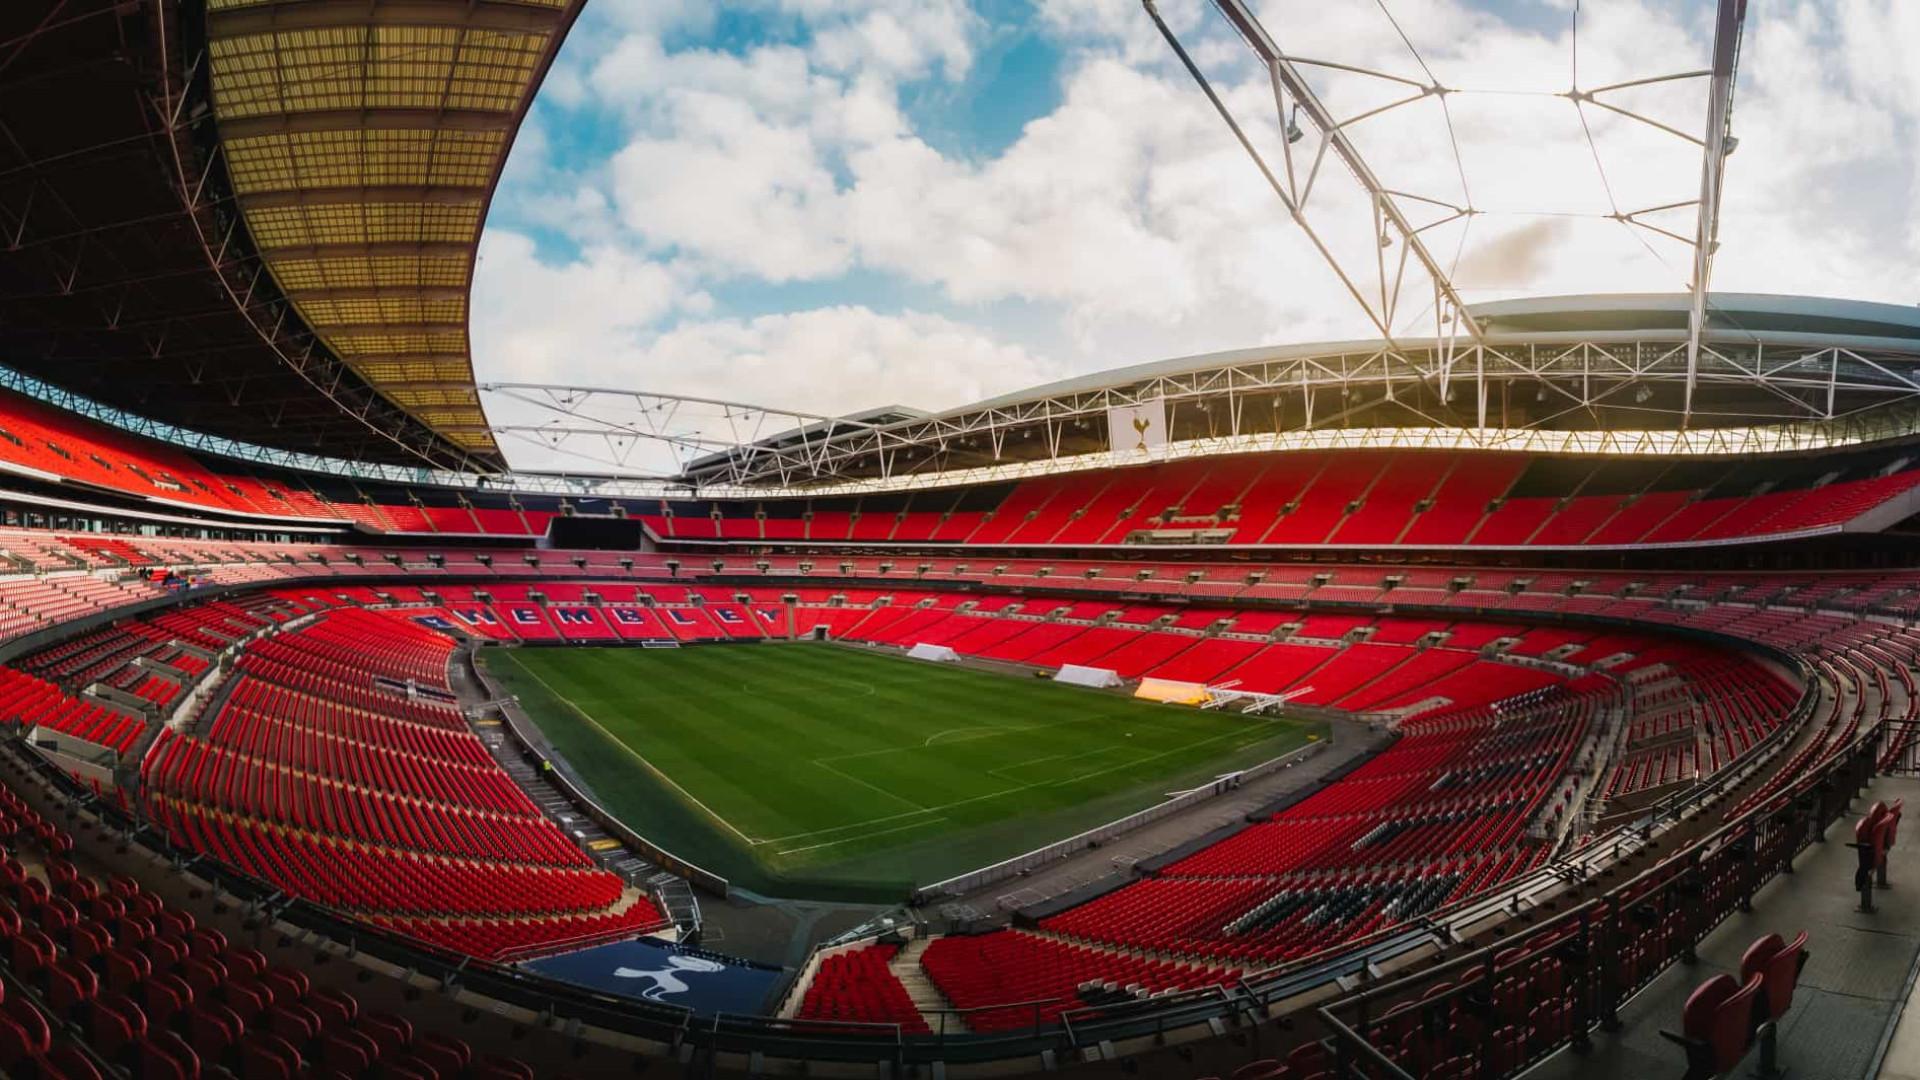 Governo britânico autoriza 60 mil torcedores nas semifinais e final da Eurocopa